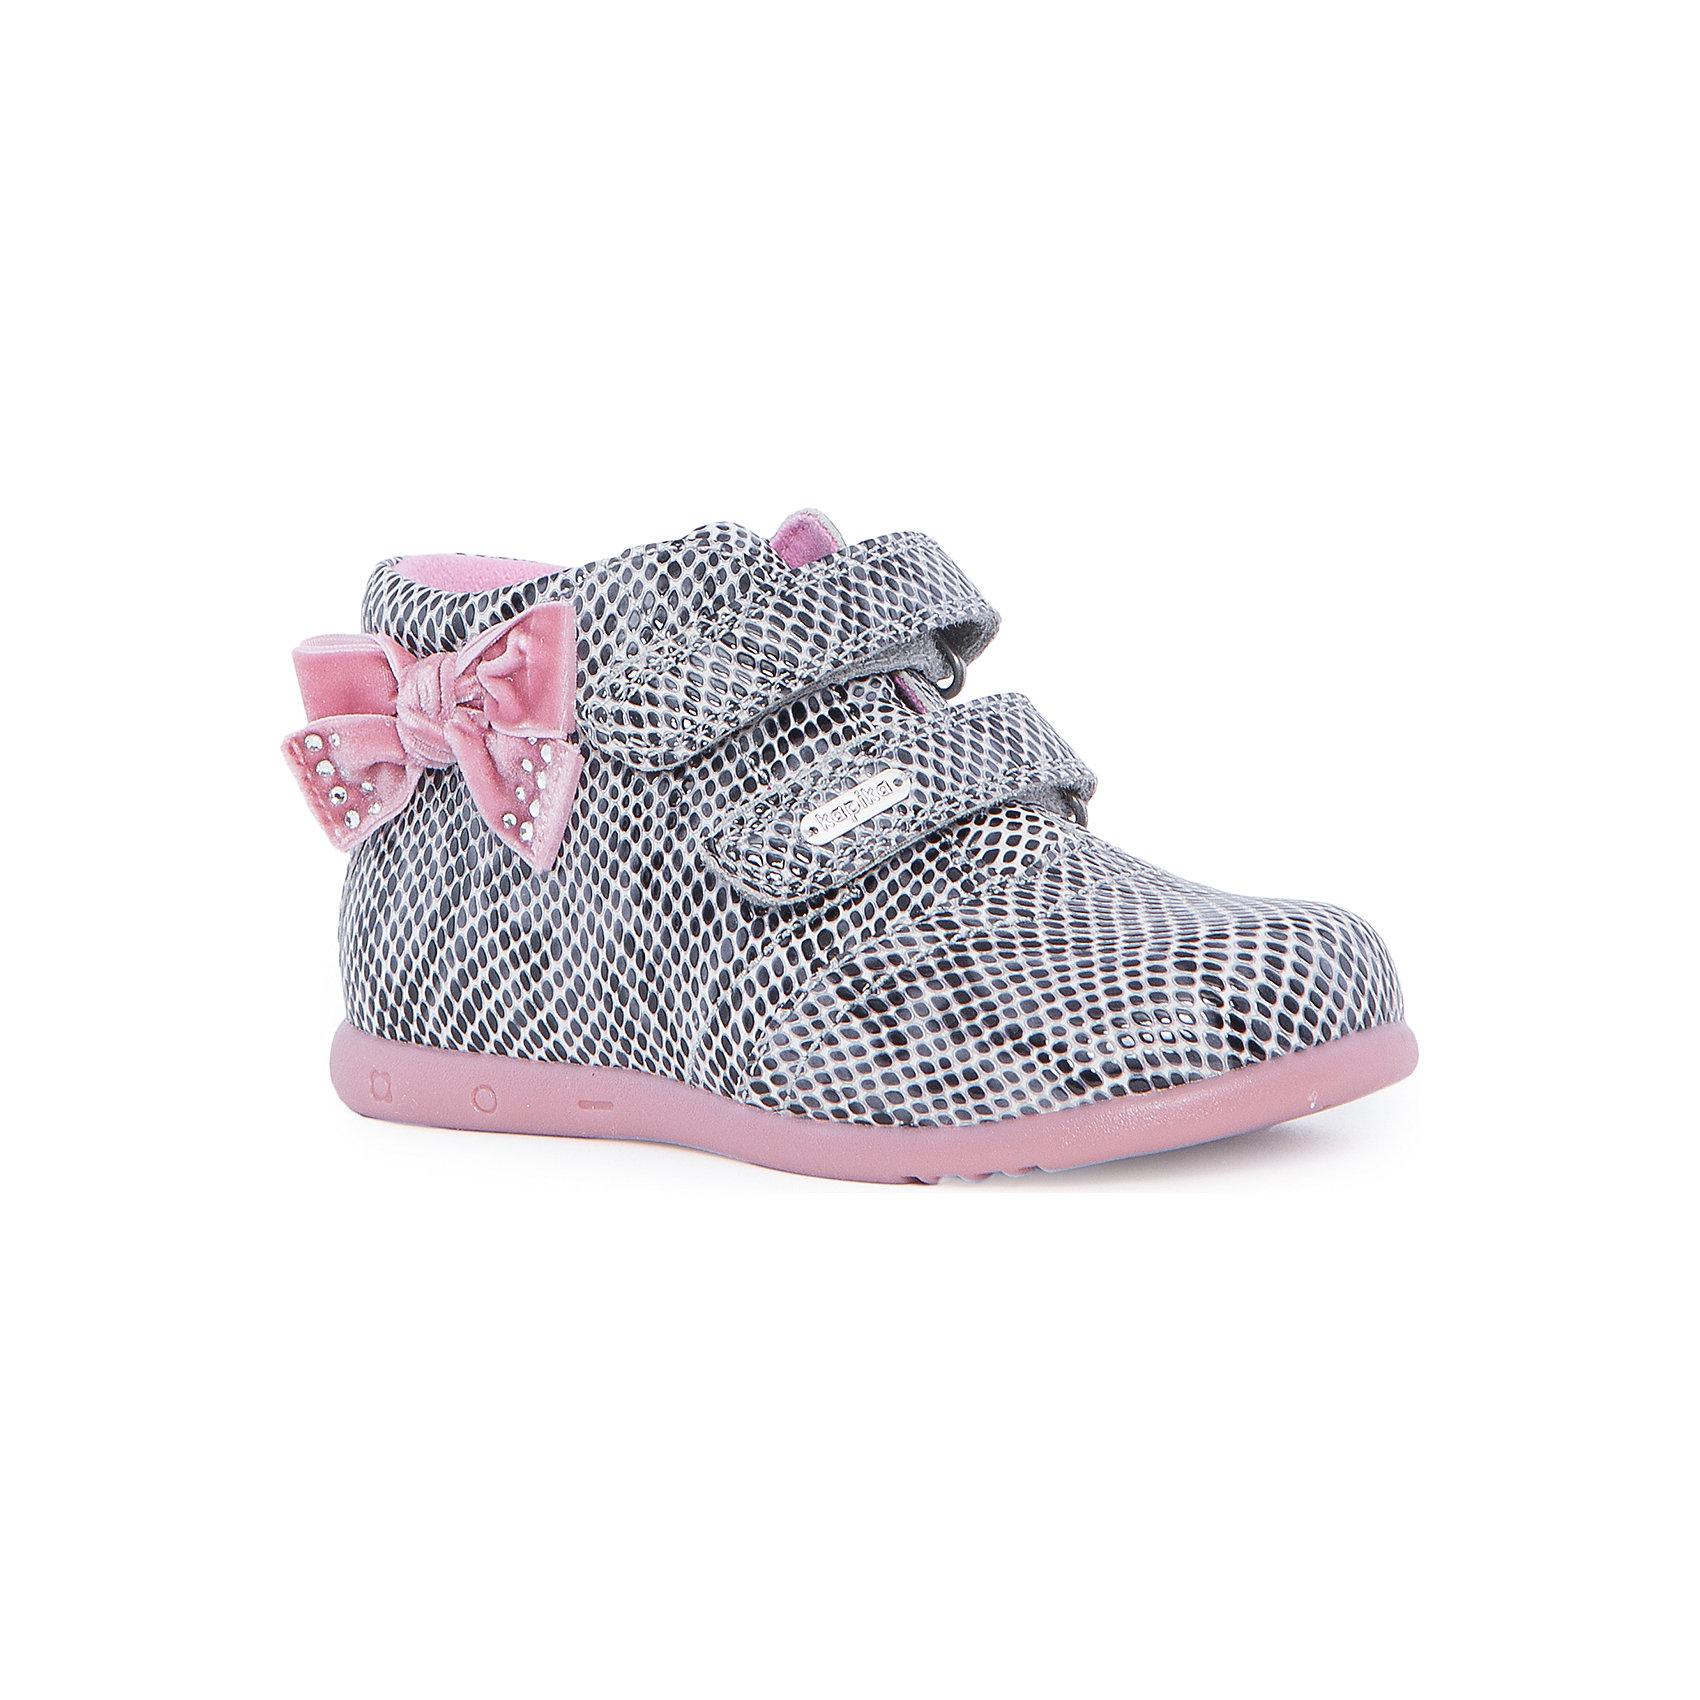 Ботинки для девочки KAPIKAБотинки<br>Ботинки для девочки KAPIKA – стиль, удобство и комфорт.<br>Красивые ботиночки из натуральной кожи сделаны со специальным супинатором, который делает носку комфортной. Стелька и подкладка также из натуральной кожи. Ботиночки застегиваются с помощью двух липучек. Сбоку есть модный бантик для особенных красавиц.<br><br>Дополнительная информация:<br><br>- материал верха: натуральная кожа, нубук<br>- материал подкладки: натуральная кожа<br>- цвет: розовый<br><br>Ботинки для девочки KAPIKA можно купить в нашем интернет магазине.<br><br>Ширина мм: 262<br>Глубина мм: 176<br>Высота мм: 97<br>Вес г: 427<br>Цвет: серый<br>Возраст от месяцев: 24<br>Возраст до месяцев: 36<br>Пол: Женский<br>Возраст: Детский<br>Размер: 26,28,25,27<br>SKU: 4988029